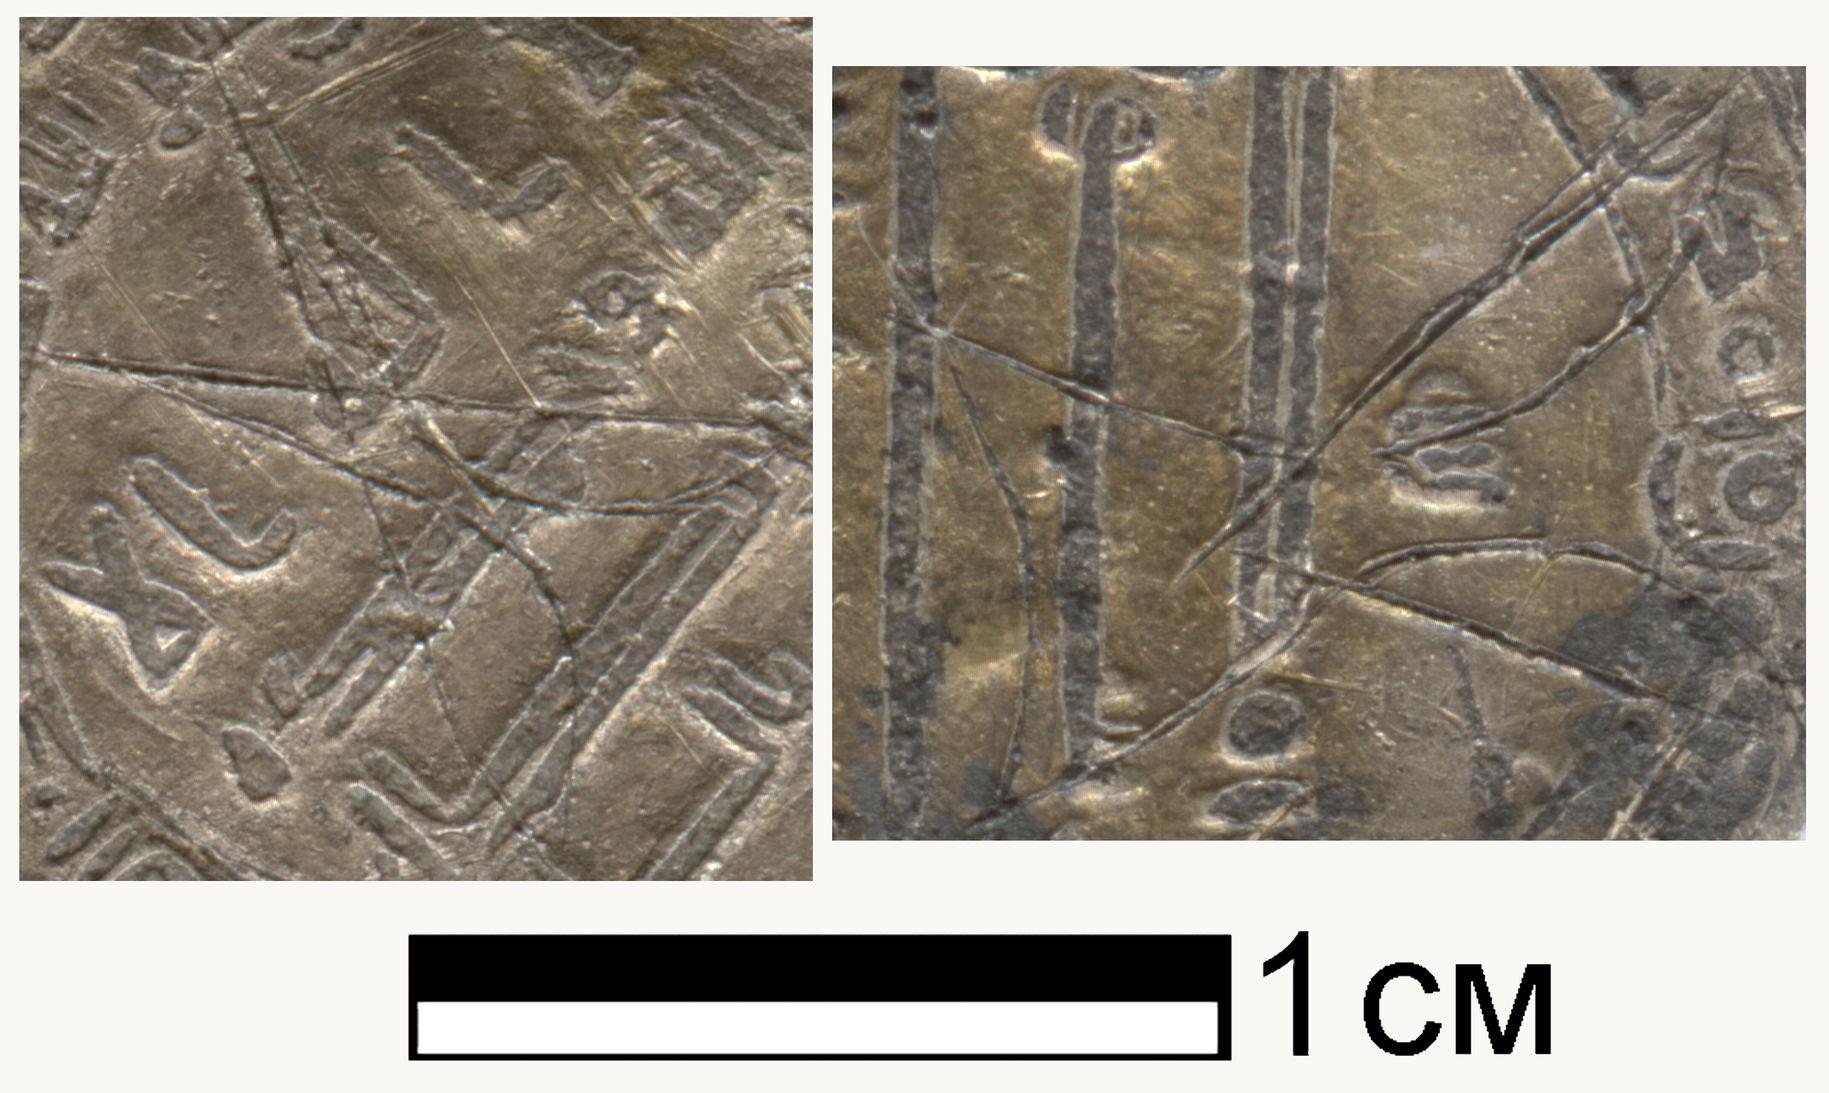 Макрофотографии дирхема с хорошо различимым слоем позолоты и прочерченных поверх него граффити. Фото С.А. Стефутина на стереомикроскопе «CarlZeissStemi 2000C»